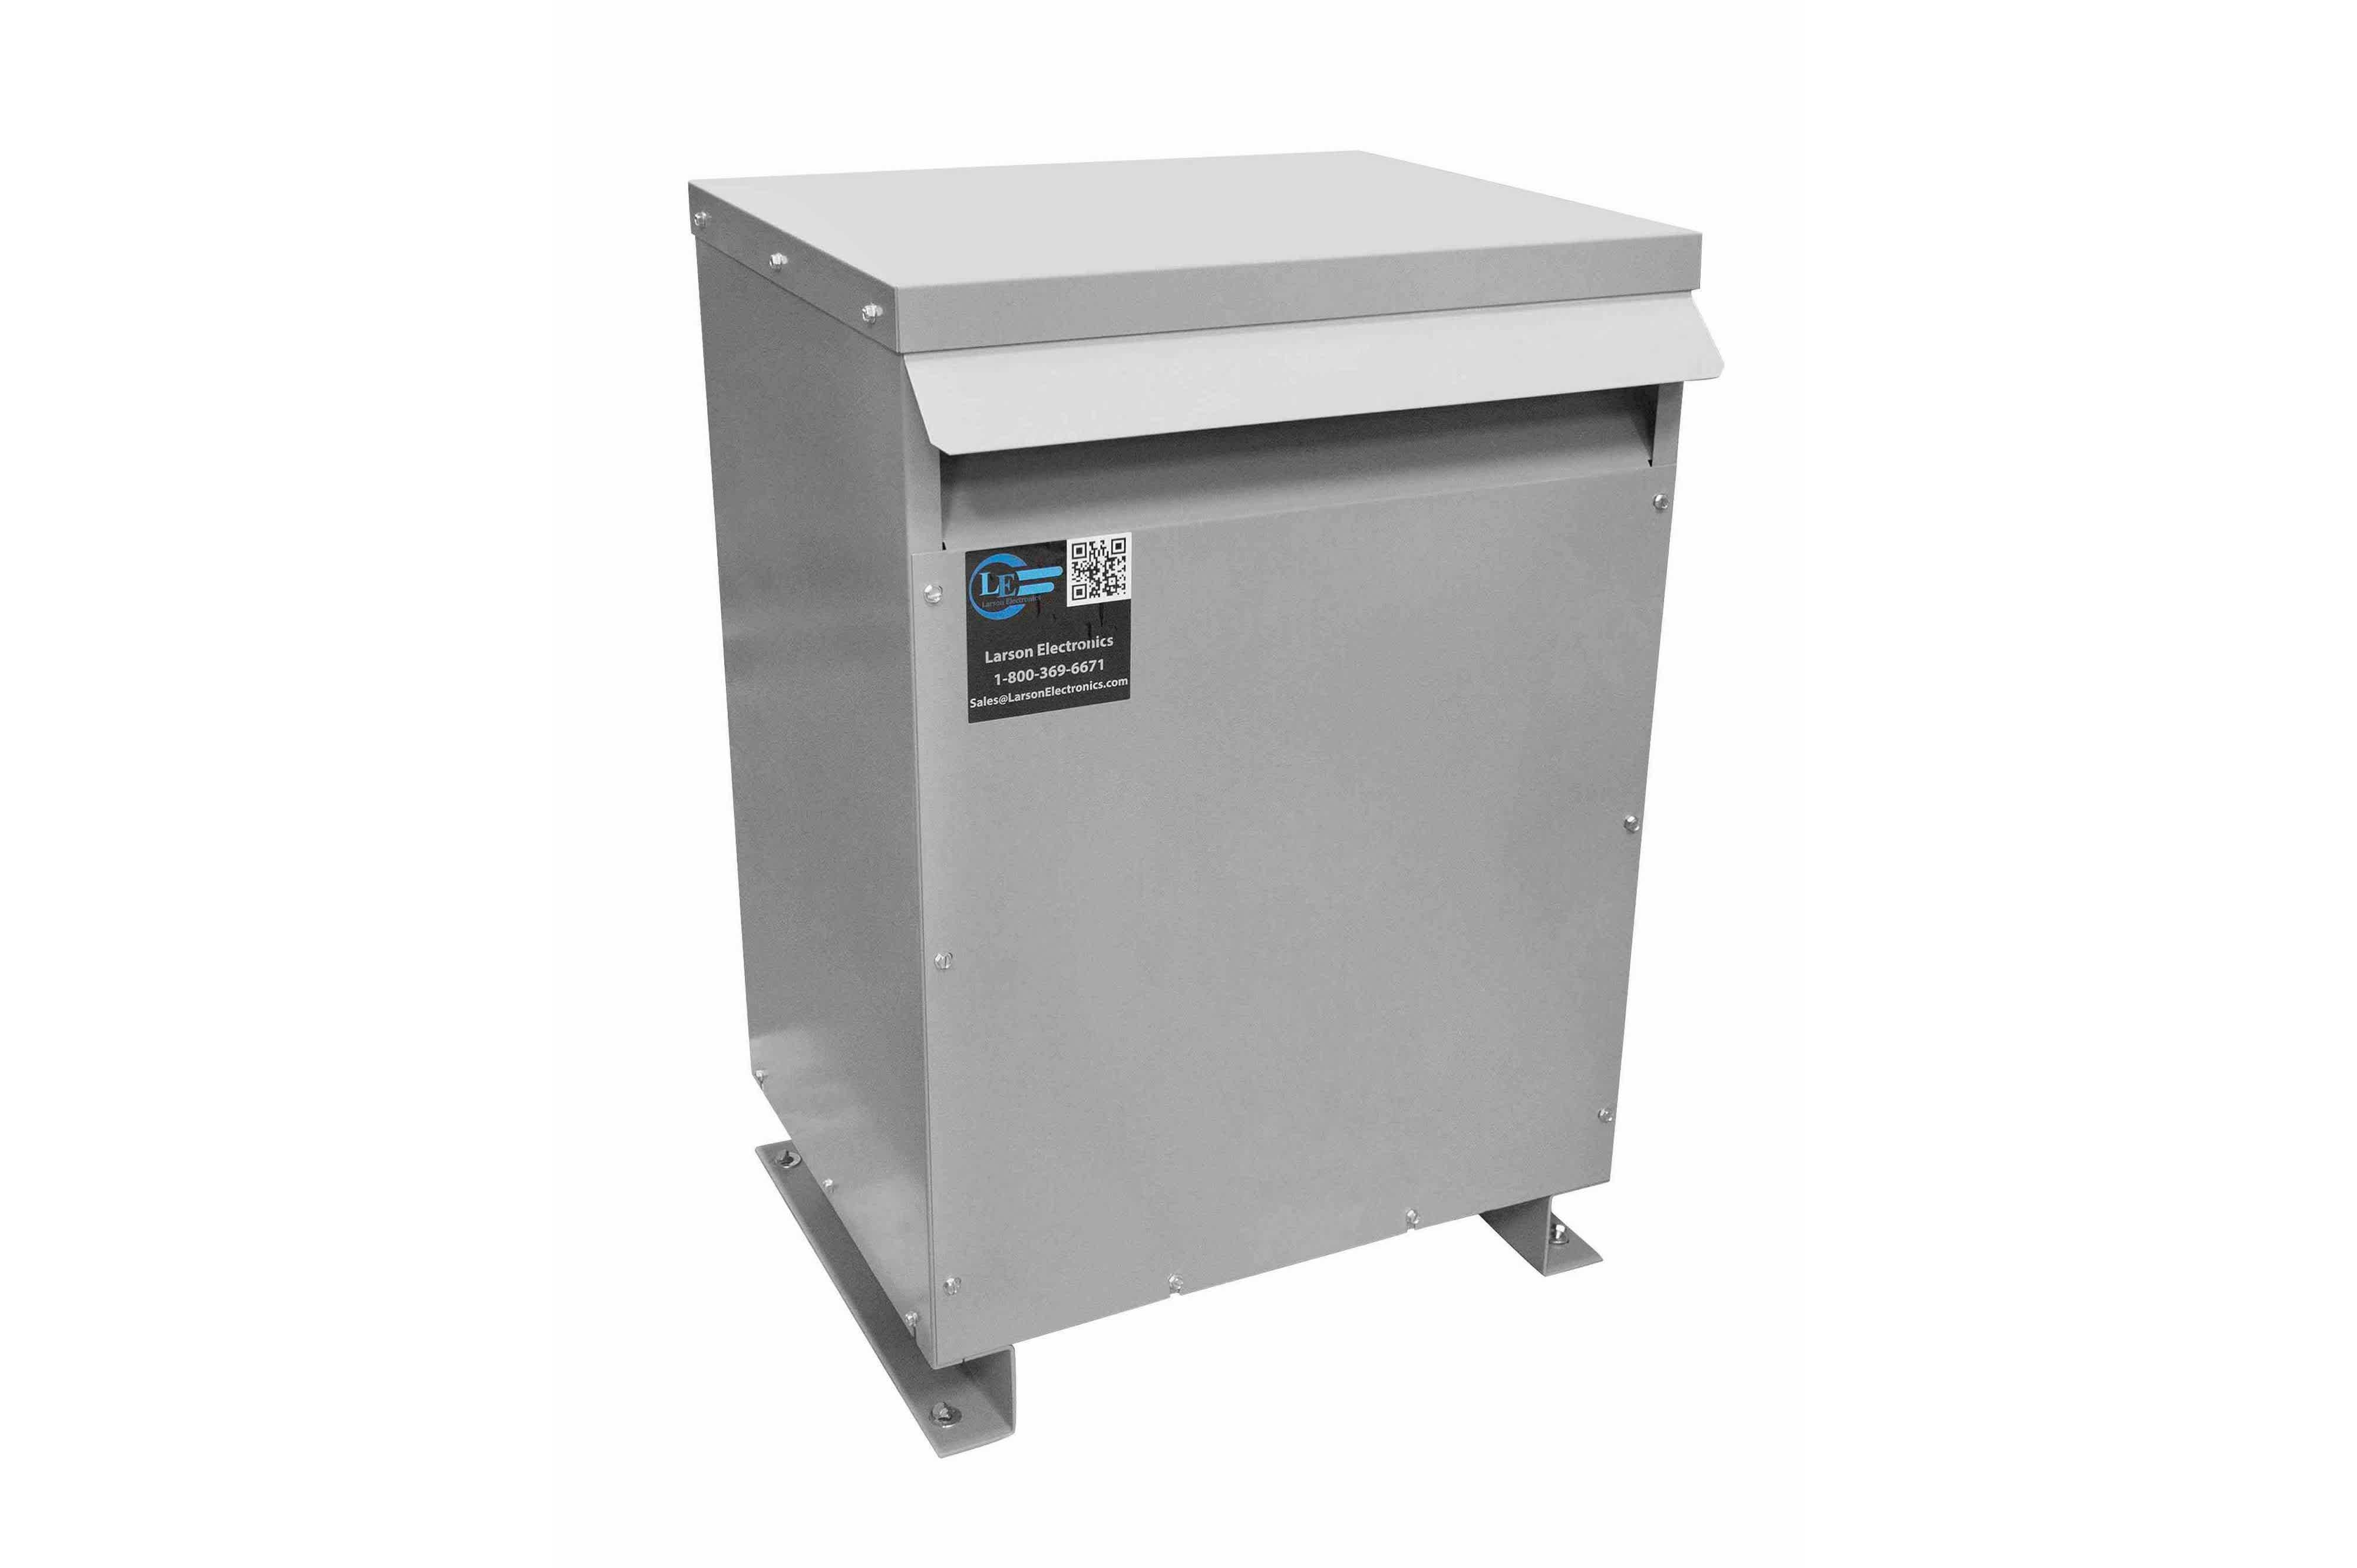 35 kVA 3PH Isolation Transformer, 208V Delta Primary, 240 Delta Secondary, N3R, Ventilated, 60 Hz